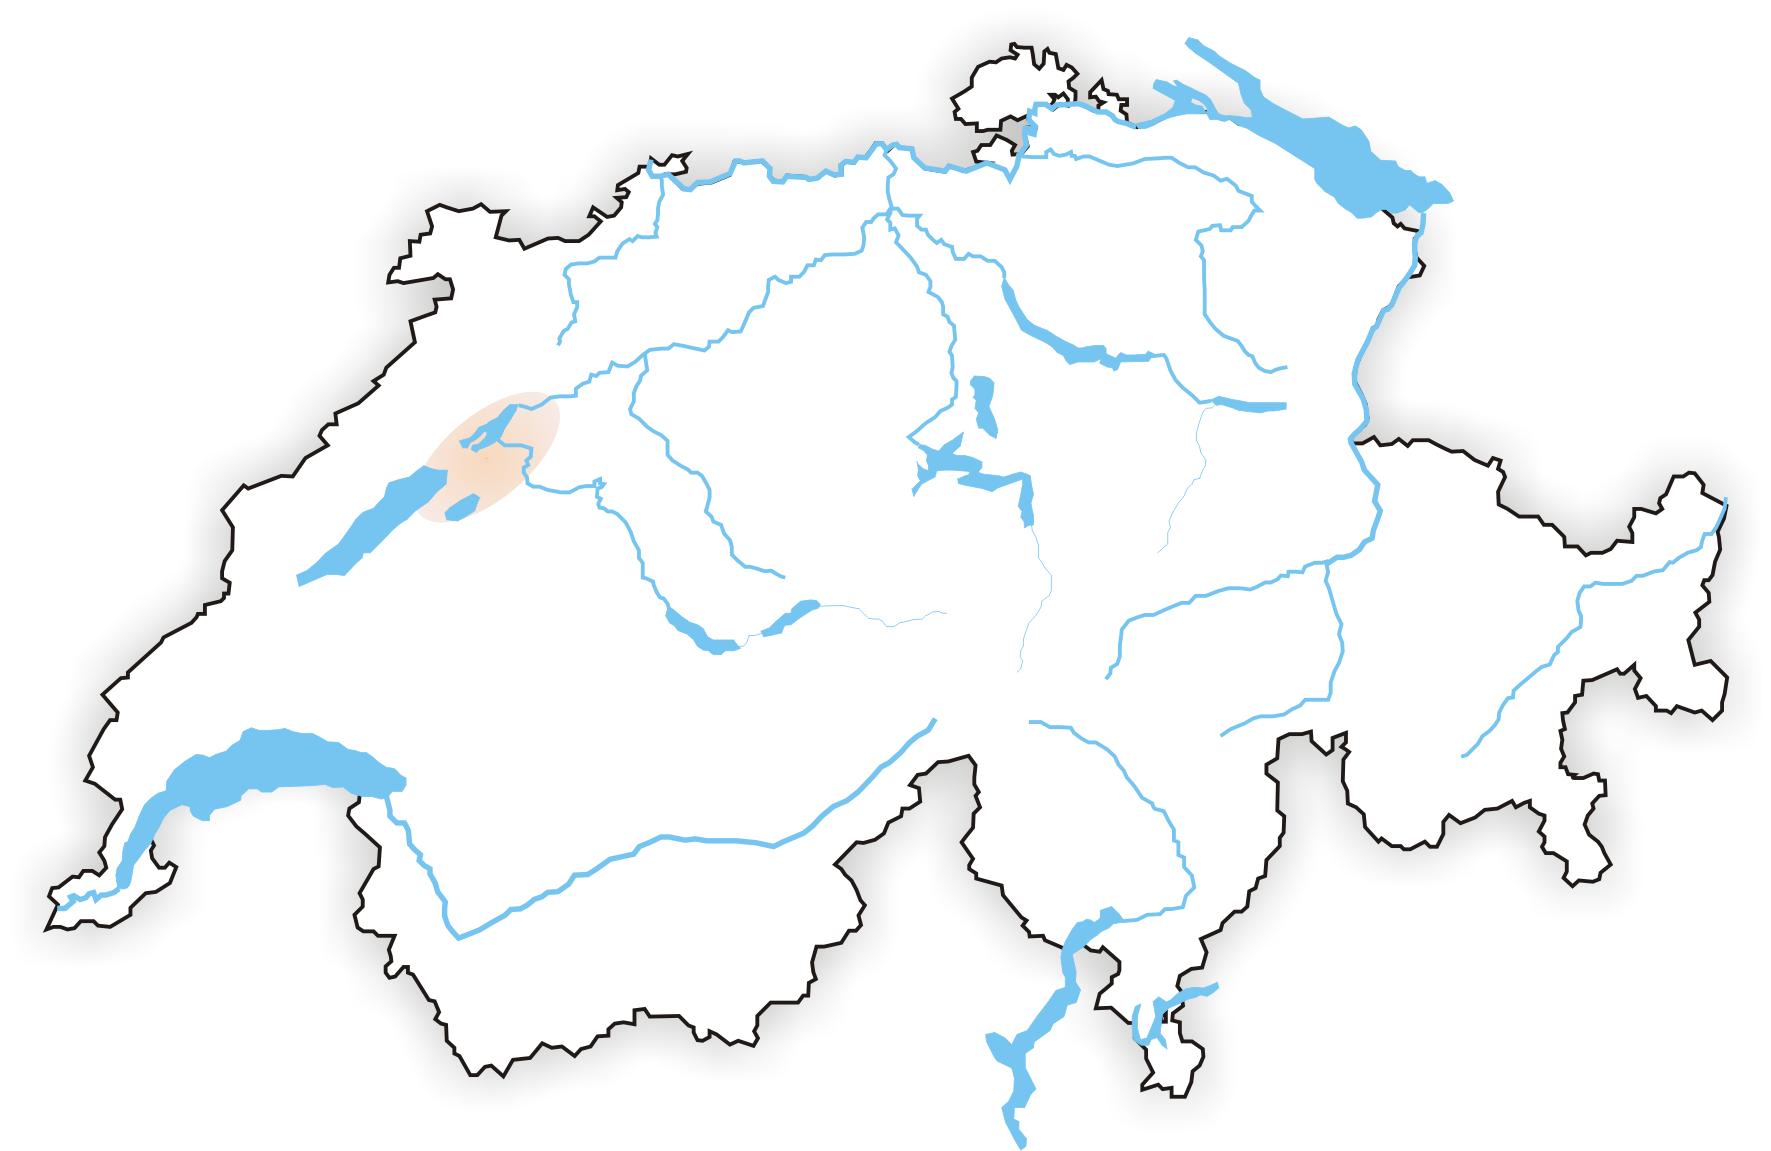 Erkennst Duse 10 Schweizer Seen Nur Anhand Ihrer